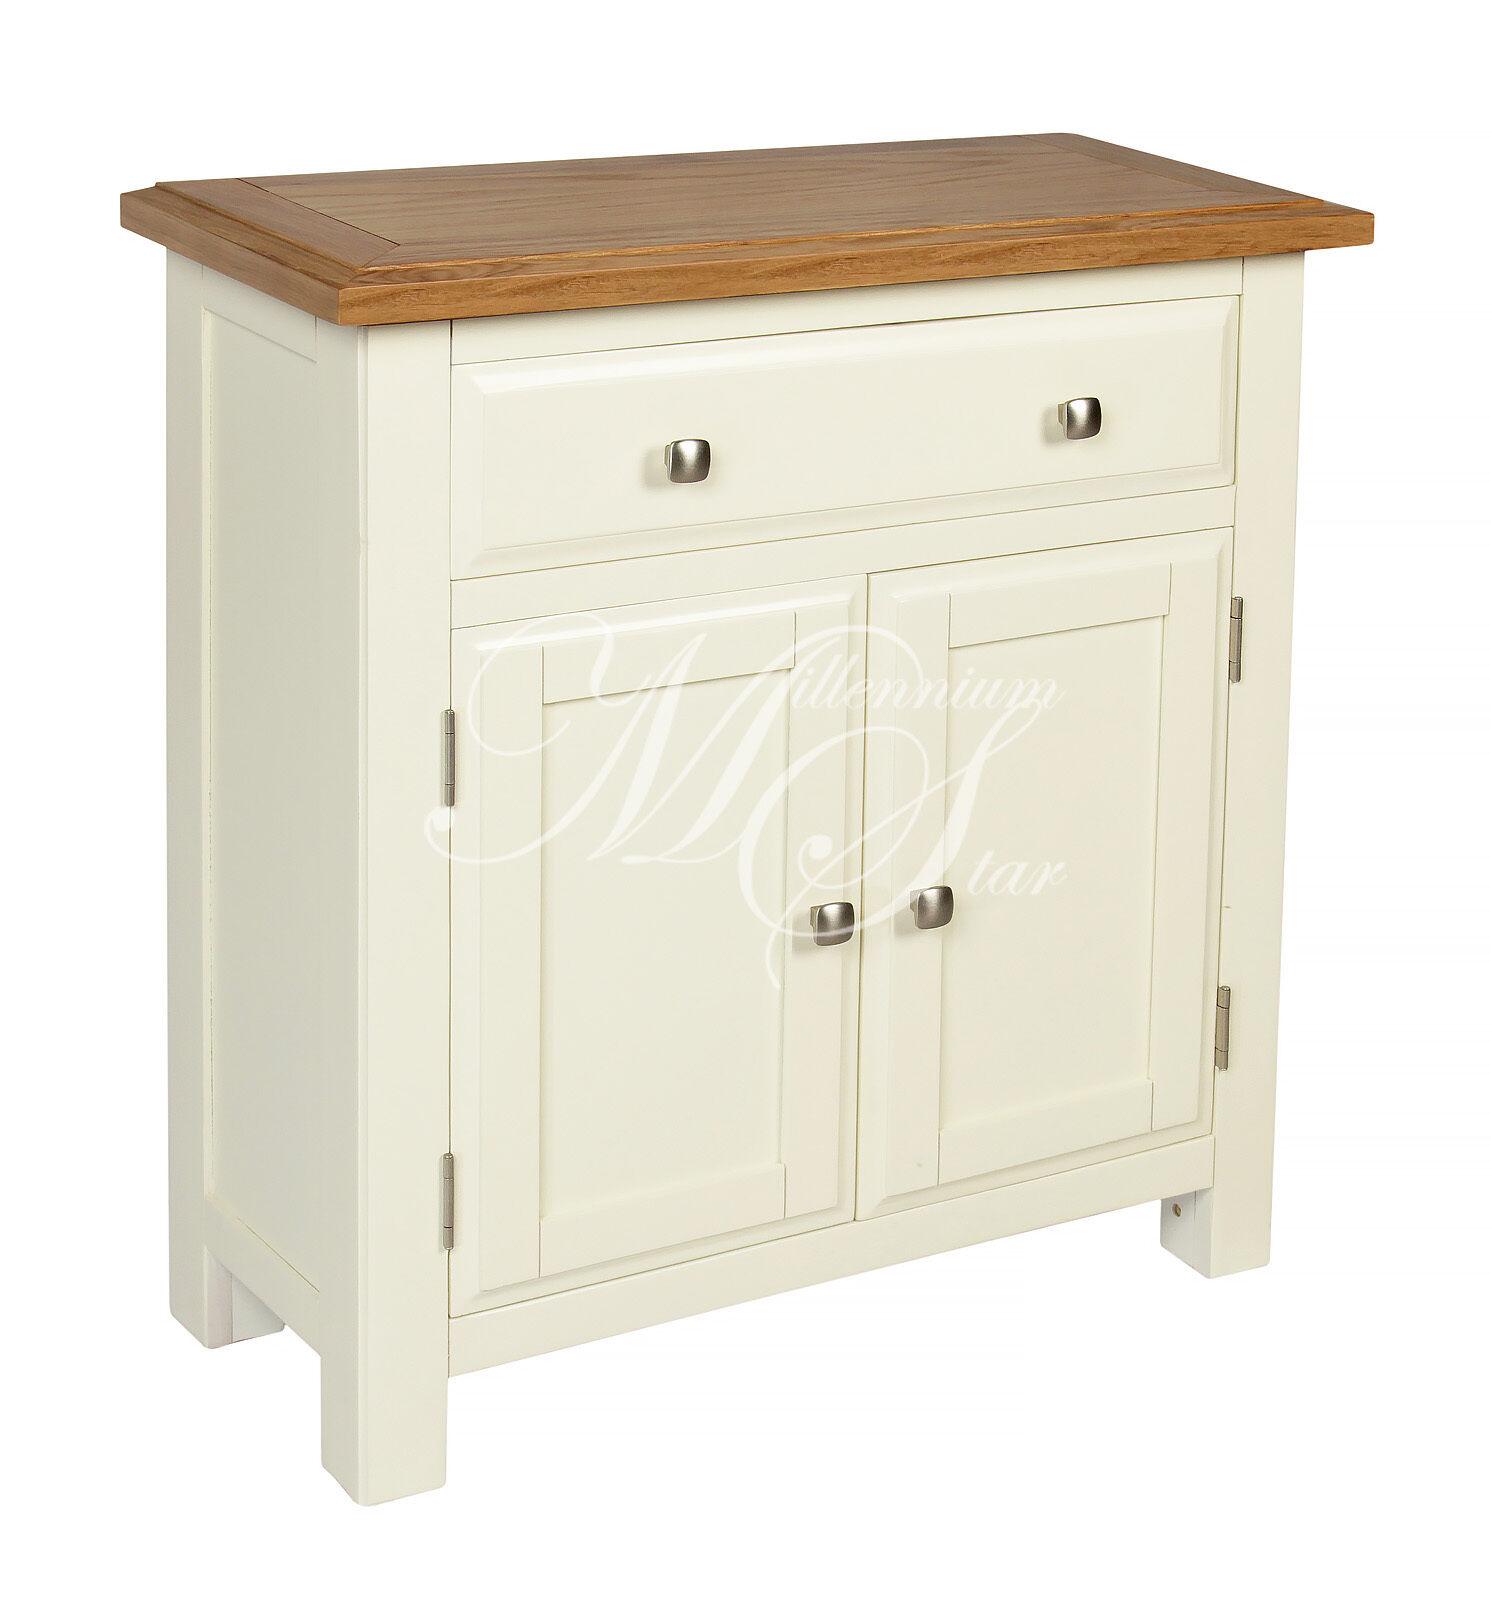 ivory painted oak small sideboard cupboard cabinet ebay